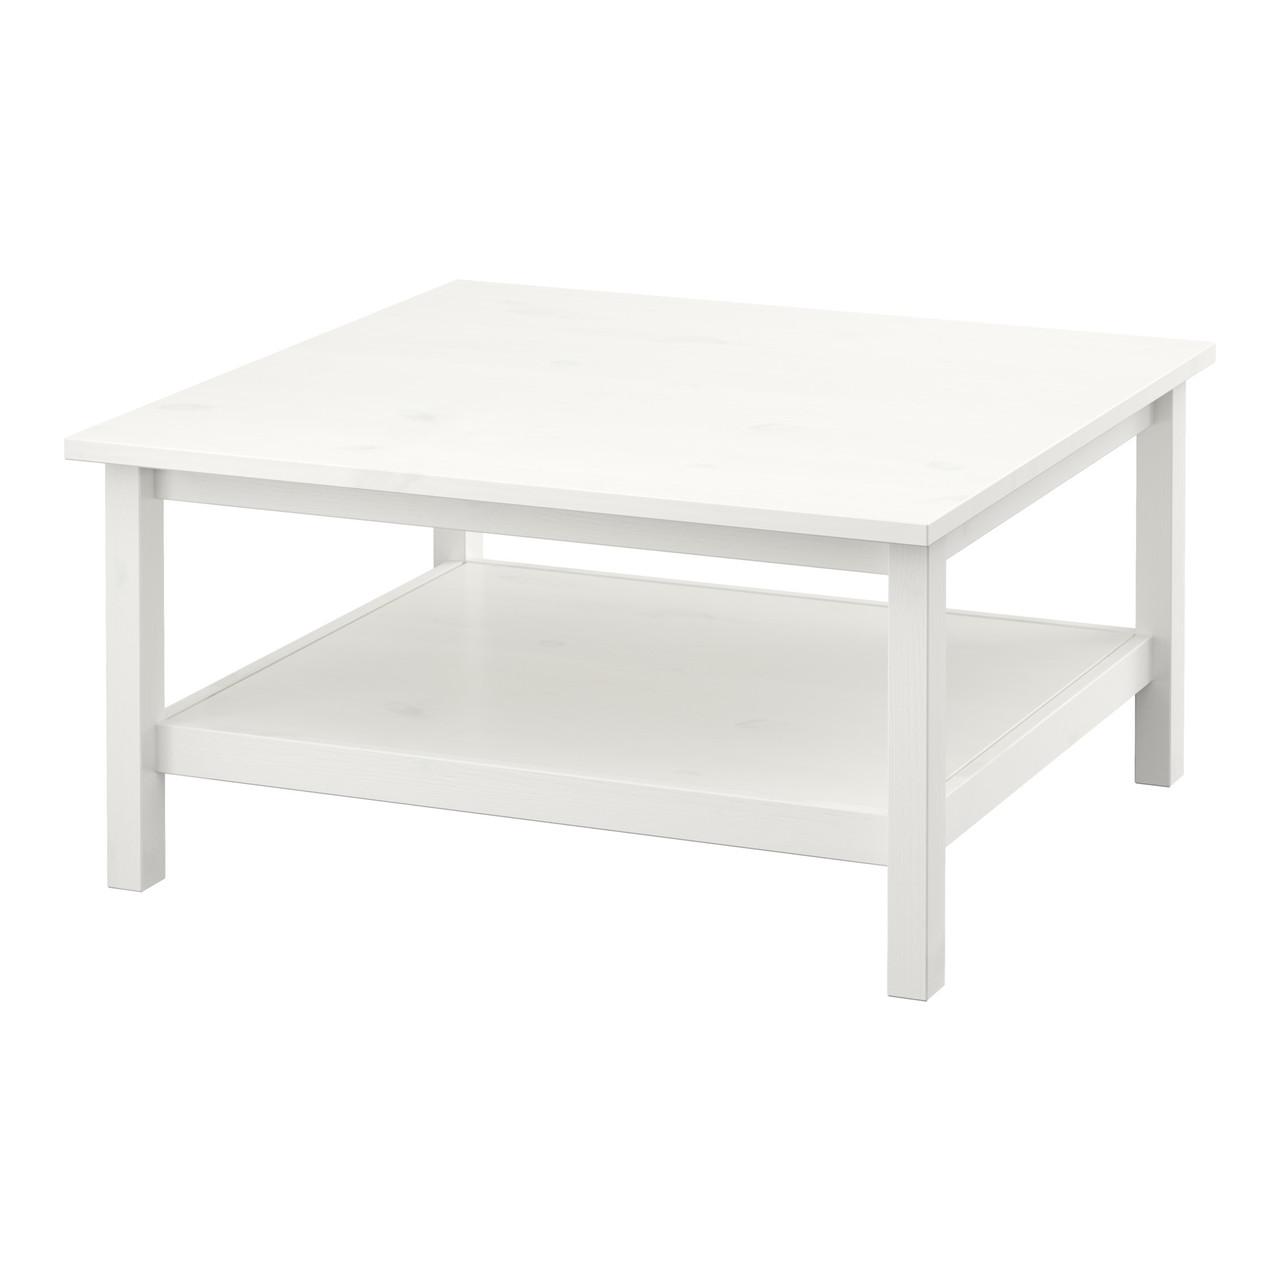 Журнальный стол IKEA HEMNES белая морилка белый 101.762.87